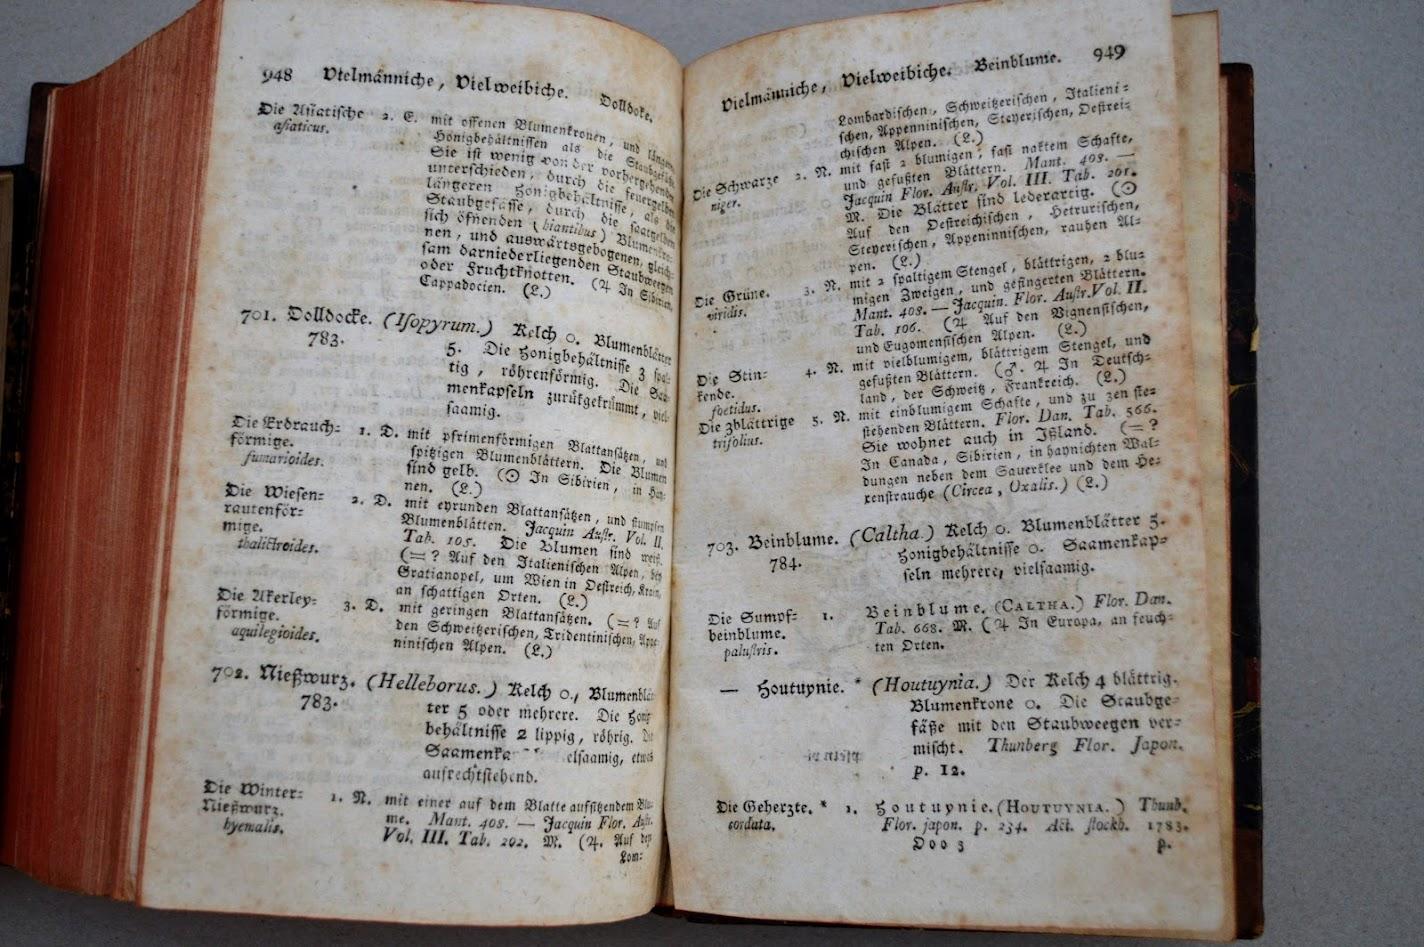 Des Ritters Carl von Linné Pflanzensystem nach seinen Klassen, Ordnungen, Gattungen und Arten mit Erkennungs und Unterscheidungszeichen, 14. Auflage von 1786